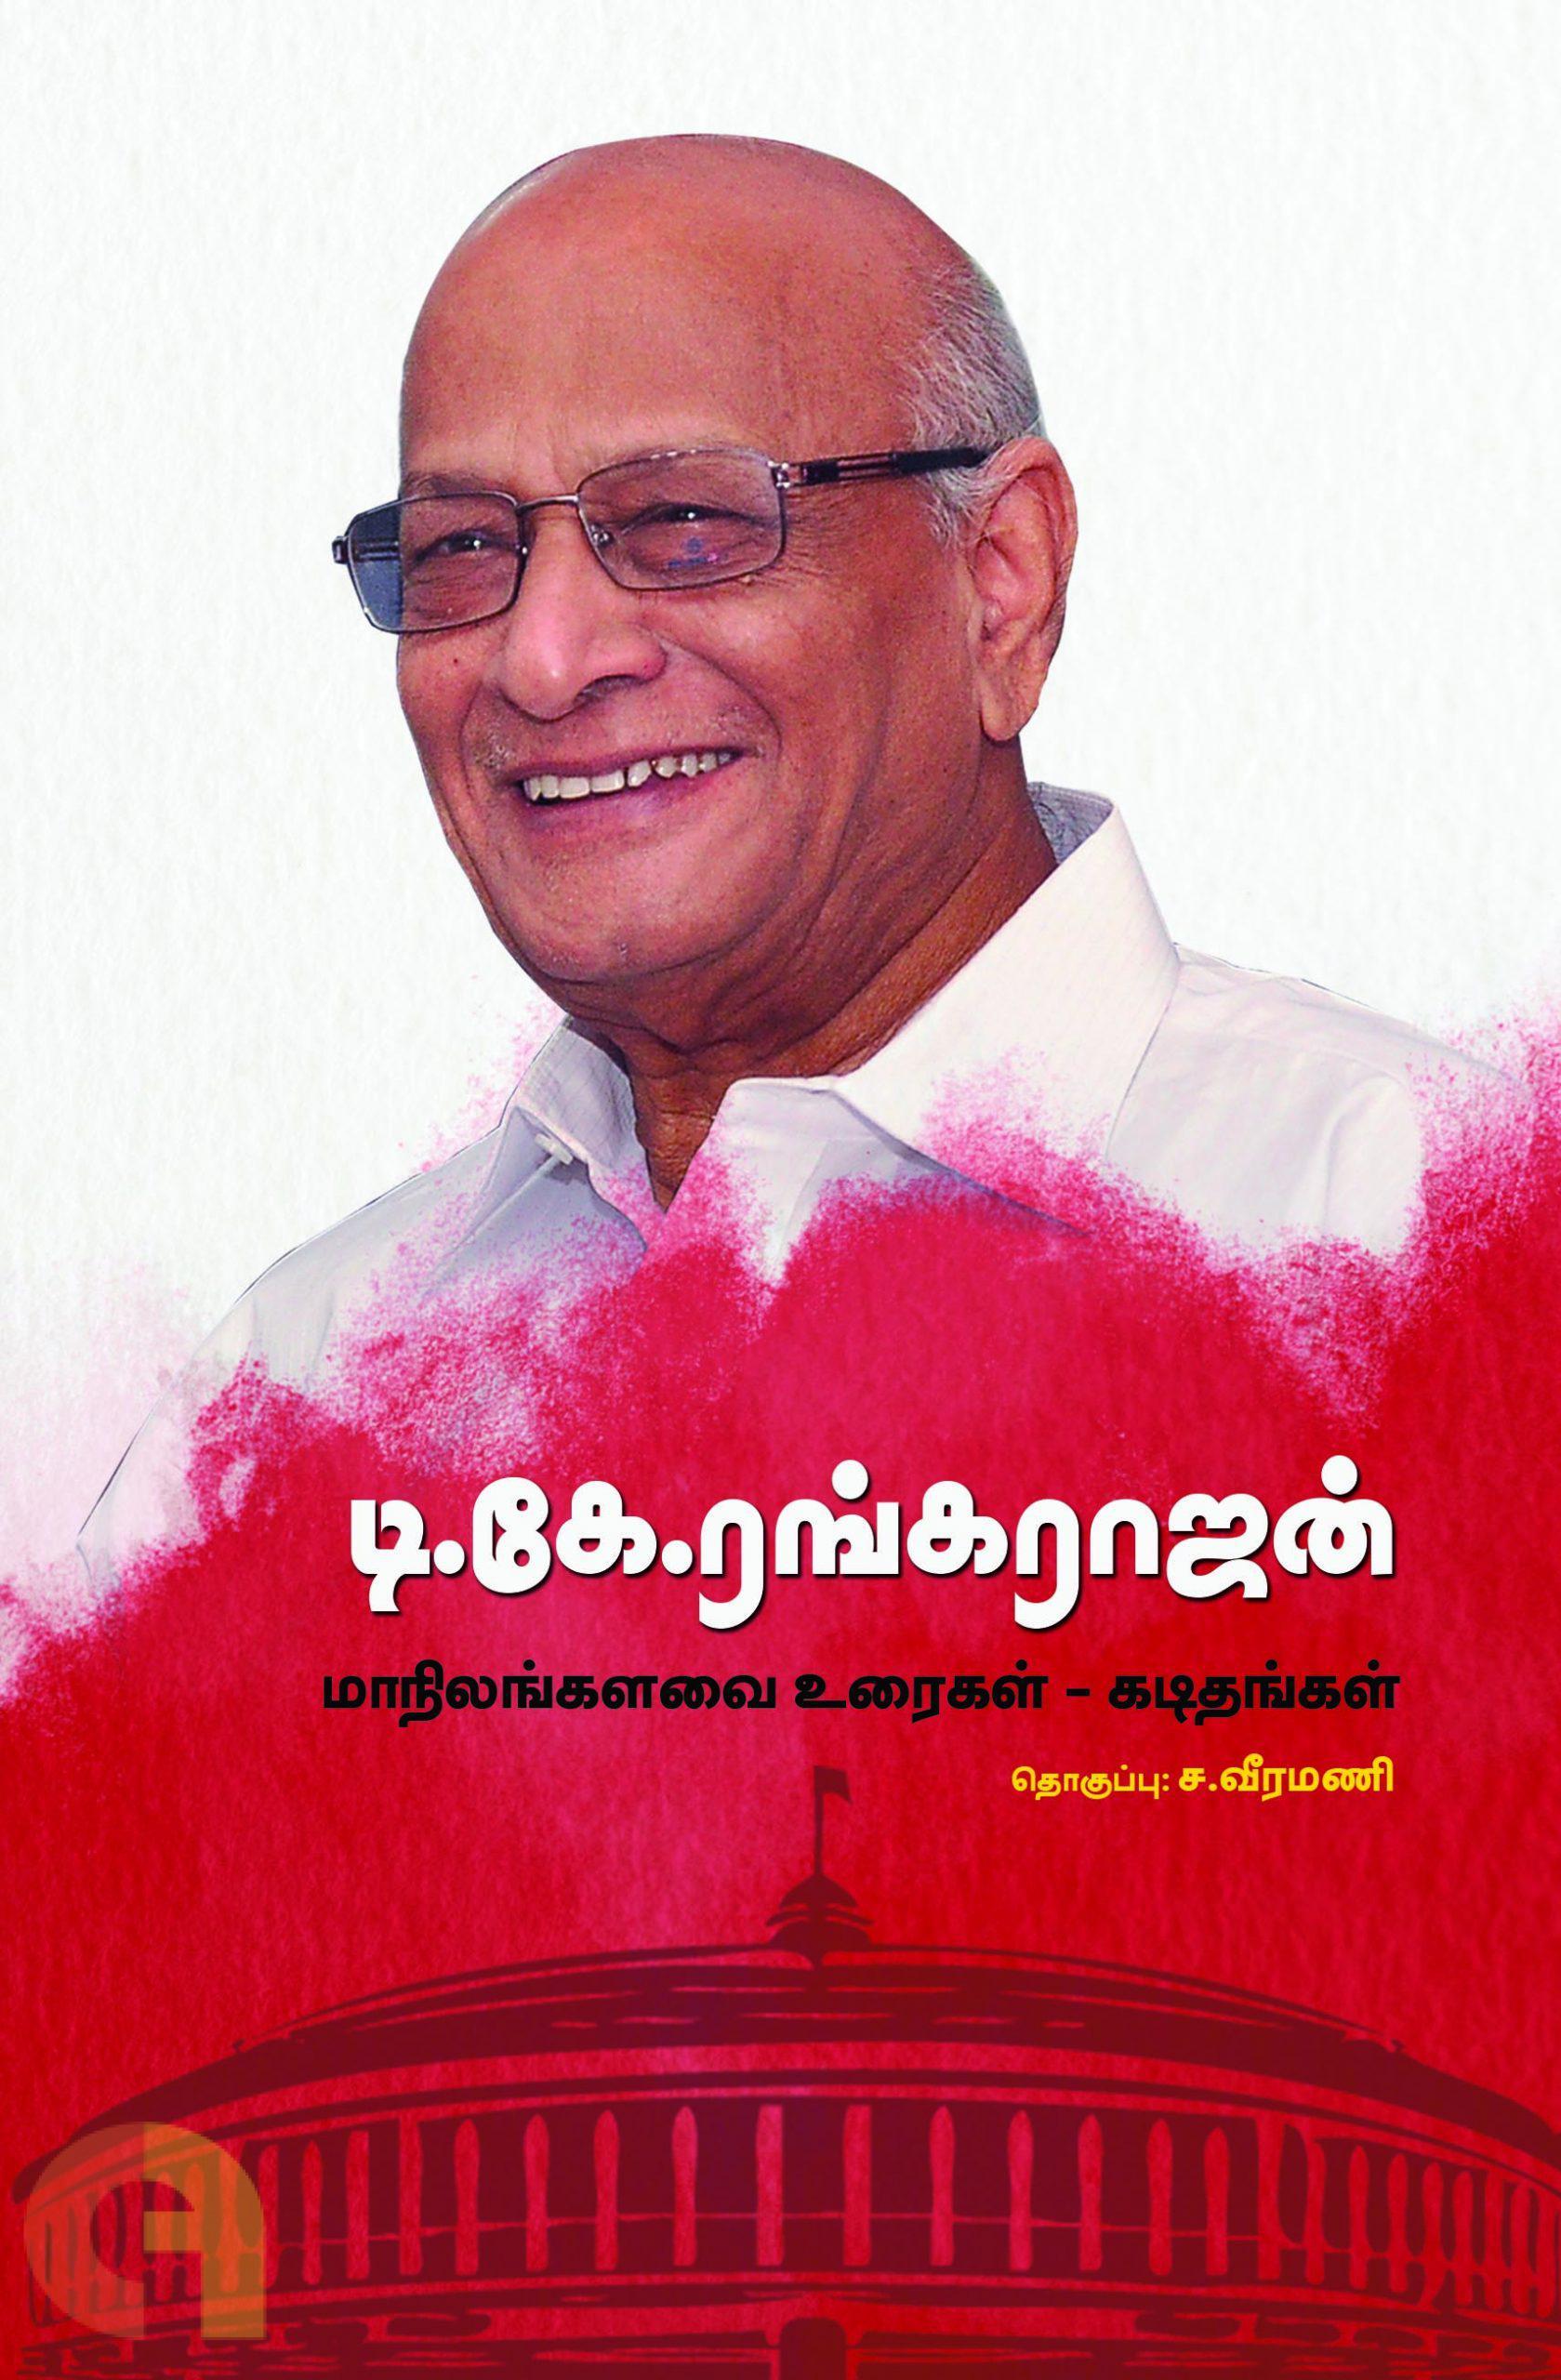 டி.கே.ரங்கராஜன்: மாநிலங்களவை உரைகள் - கடிதங்கள்